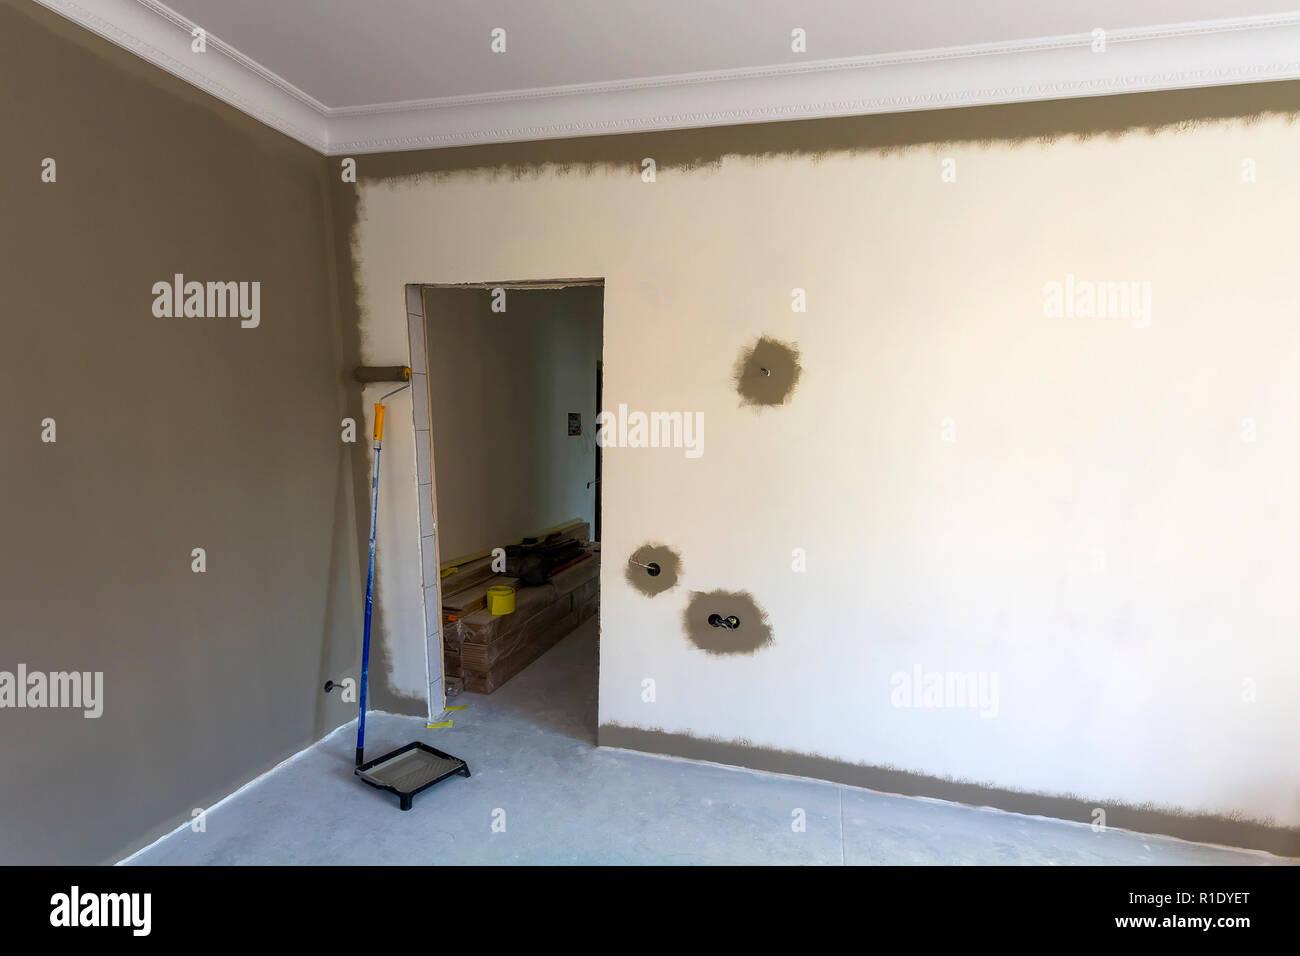 Innenbereich Einer Wohnung Zimmer Während Der Renovierungsarbeiten